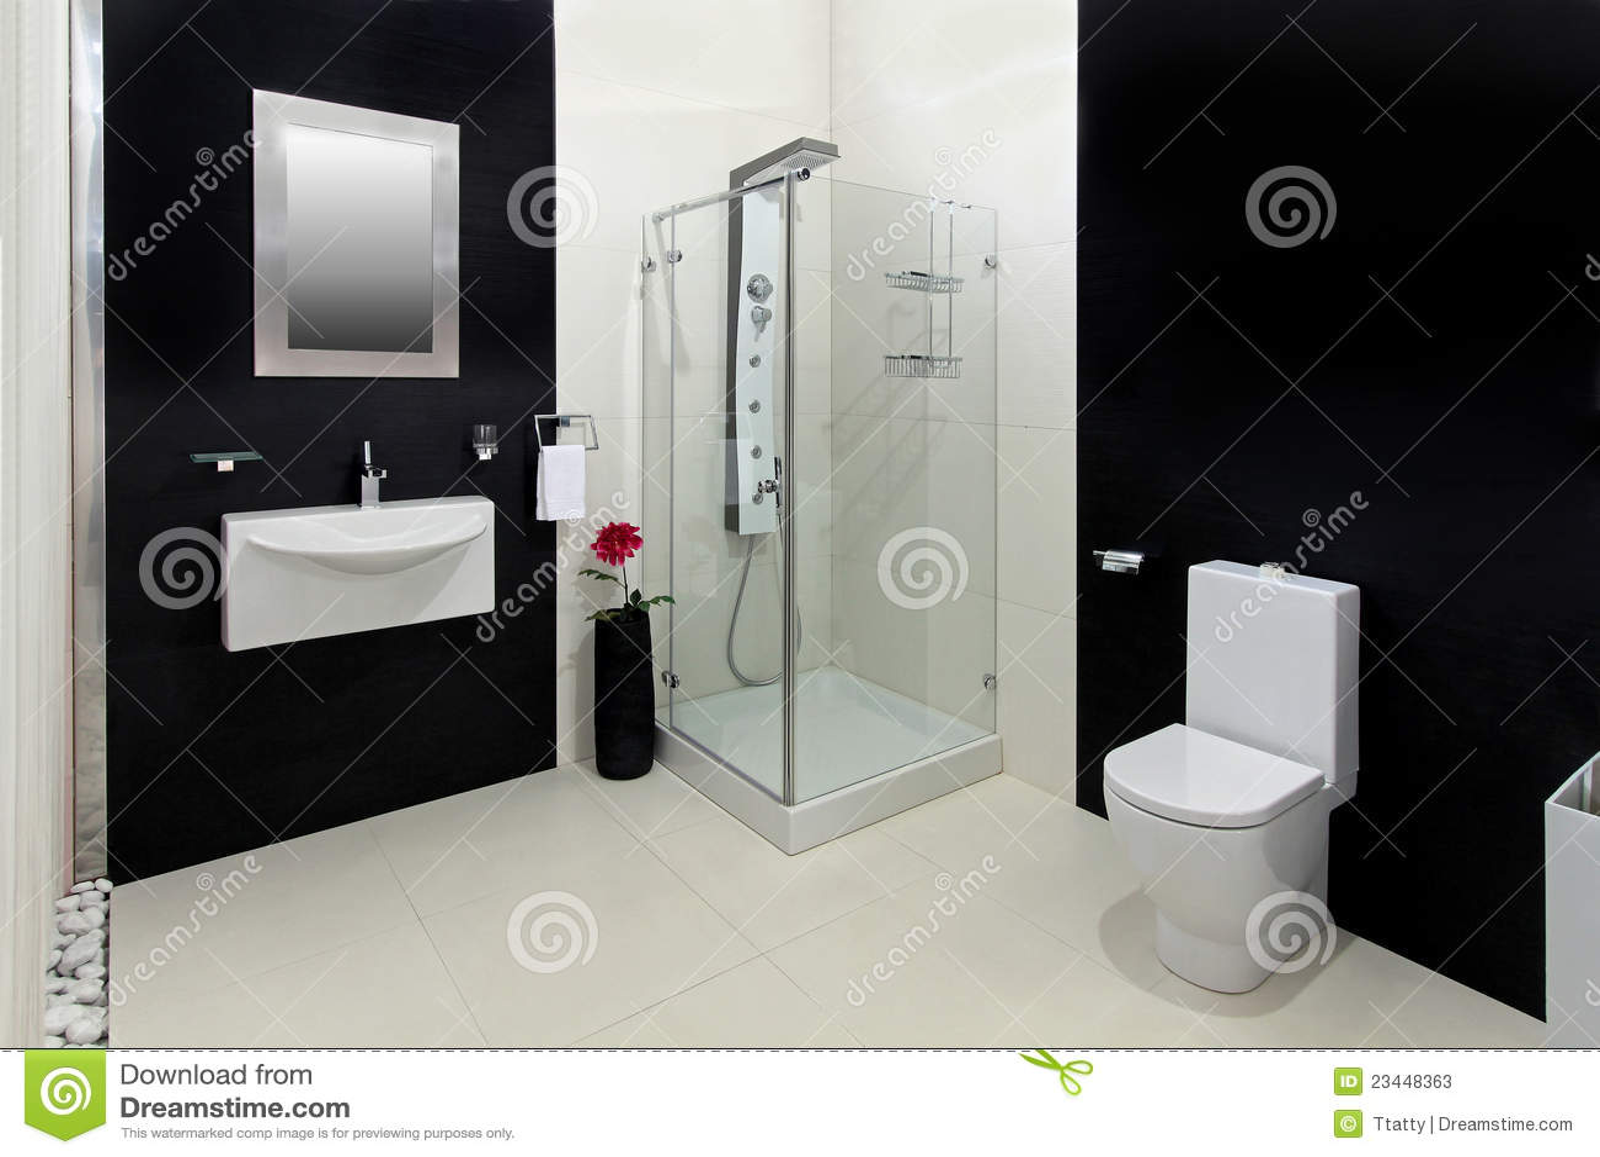 Banheiro Branco Preto Fotos de Stock Imagem: 23448363 #82A328 1300x957 Banheiro Branco Com Vaso Preto